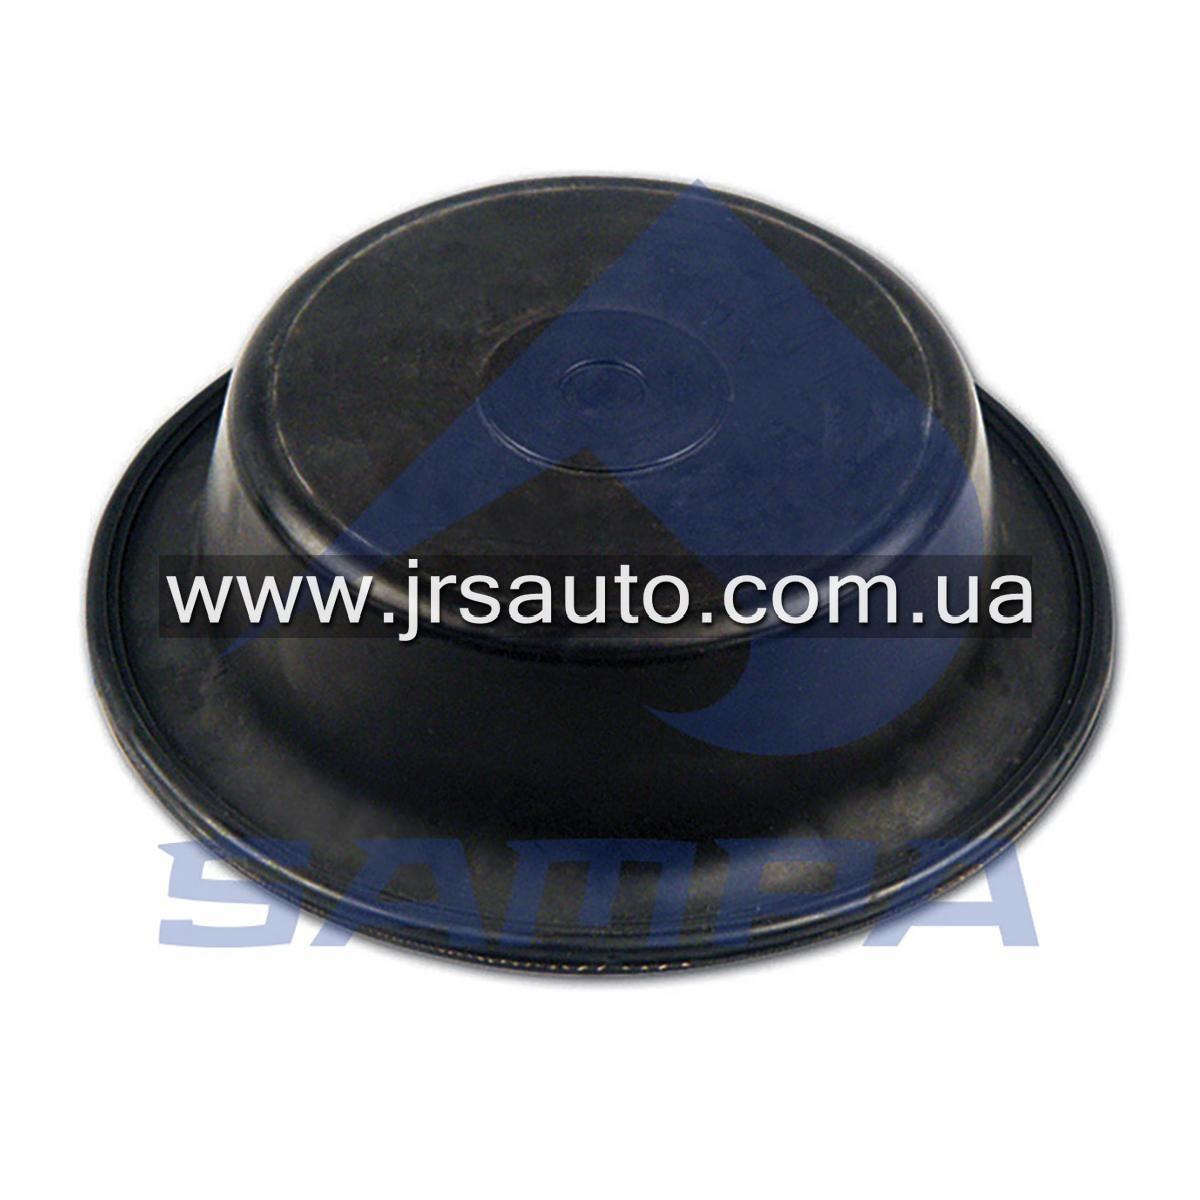 Мембрана камеры тормозной тип-24 (глубокая) \0004233486 \ 095.112